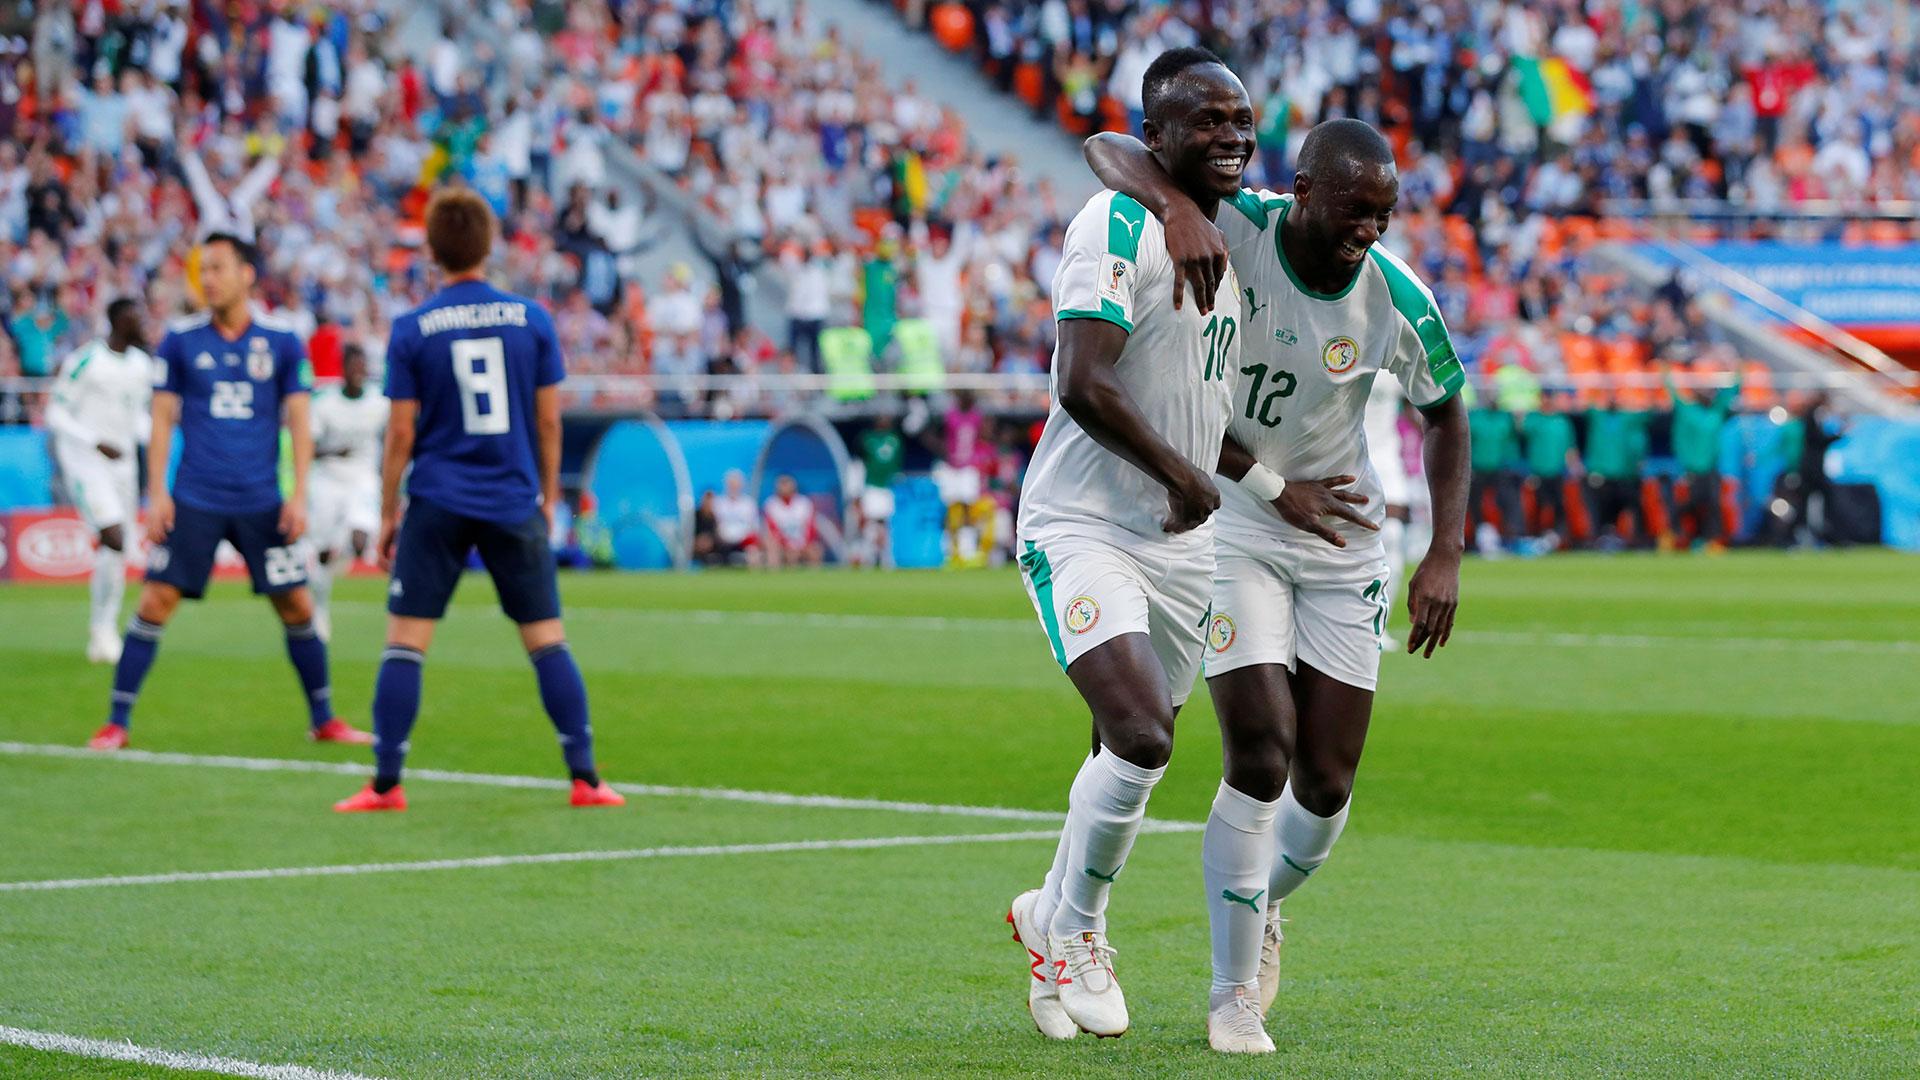 Sabaly abaraza a Mané en el primer gol de Senegal contra Japón (Reuters)